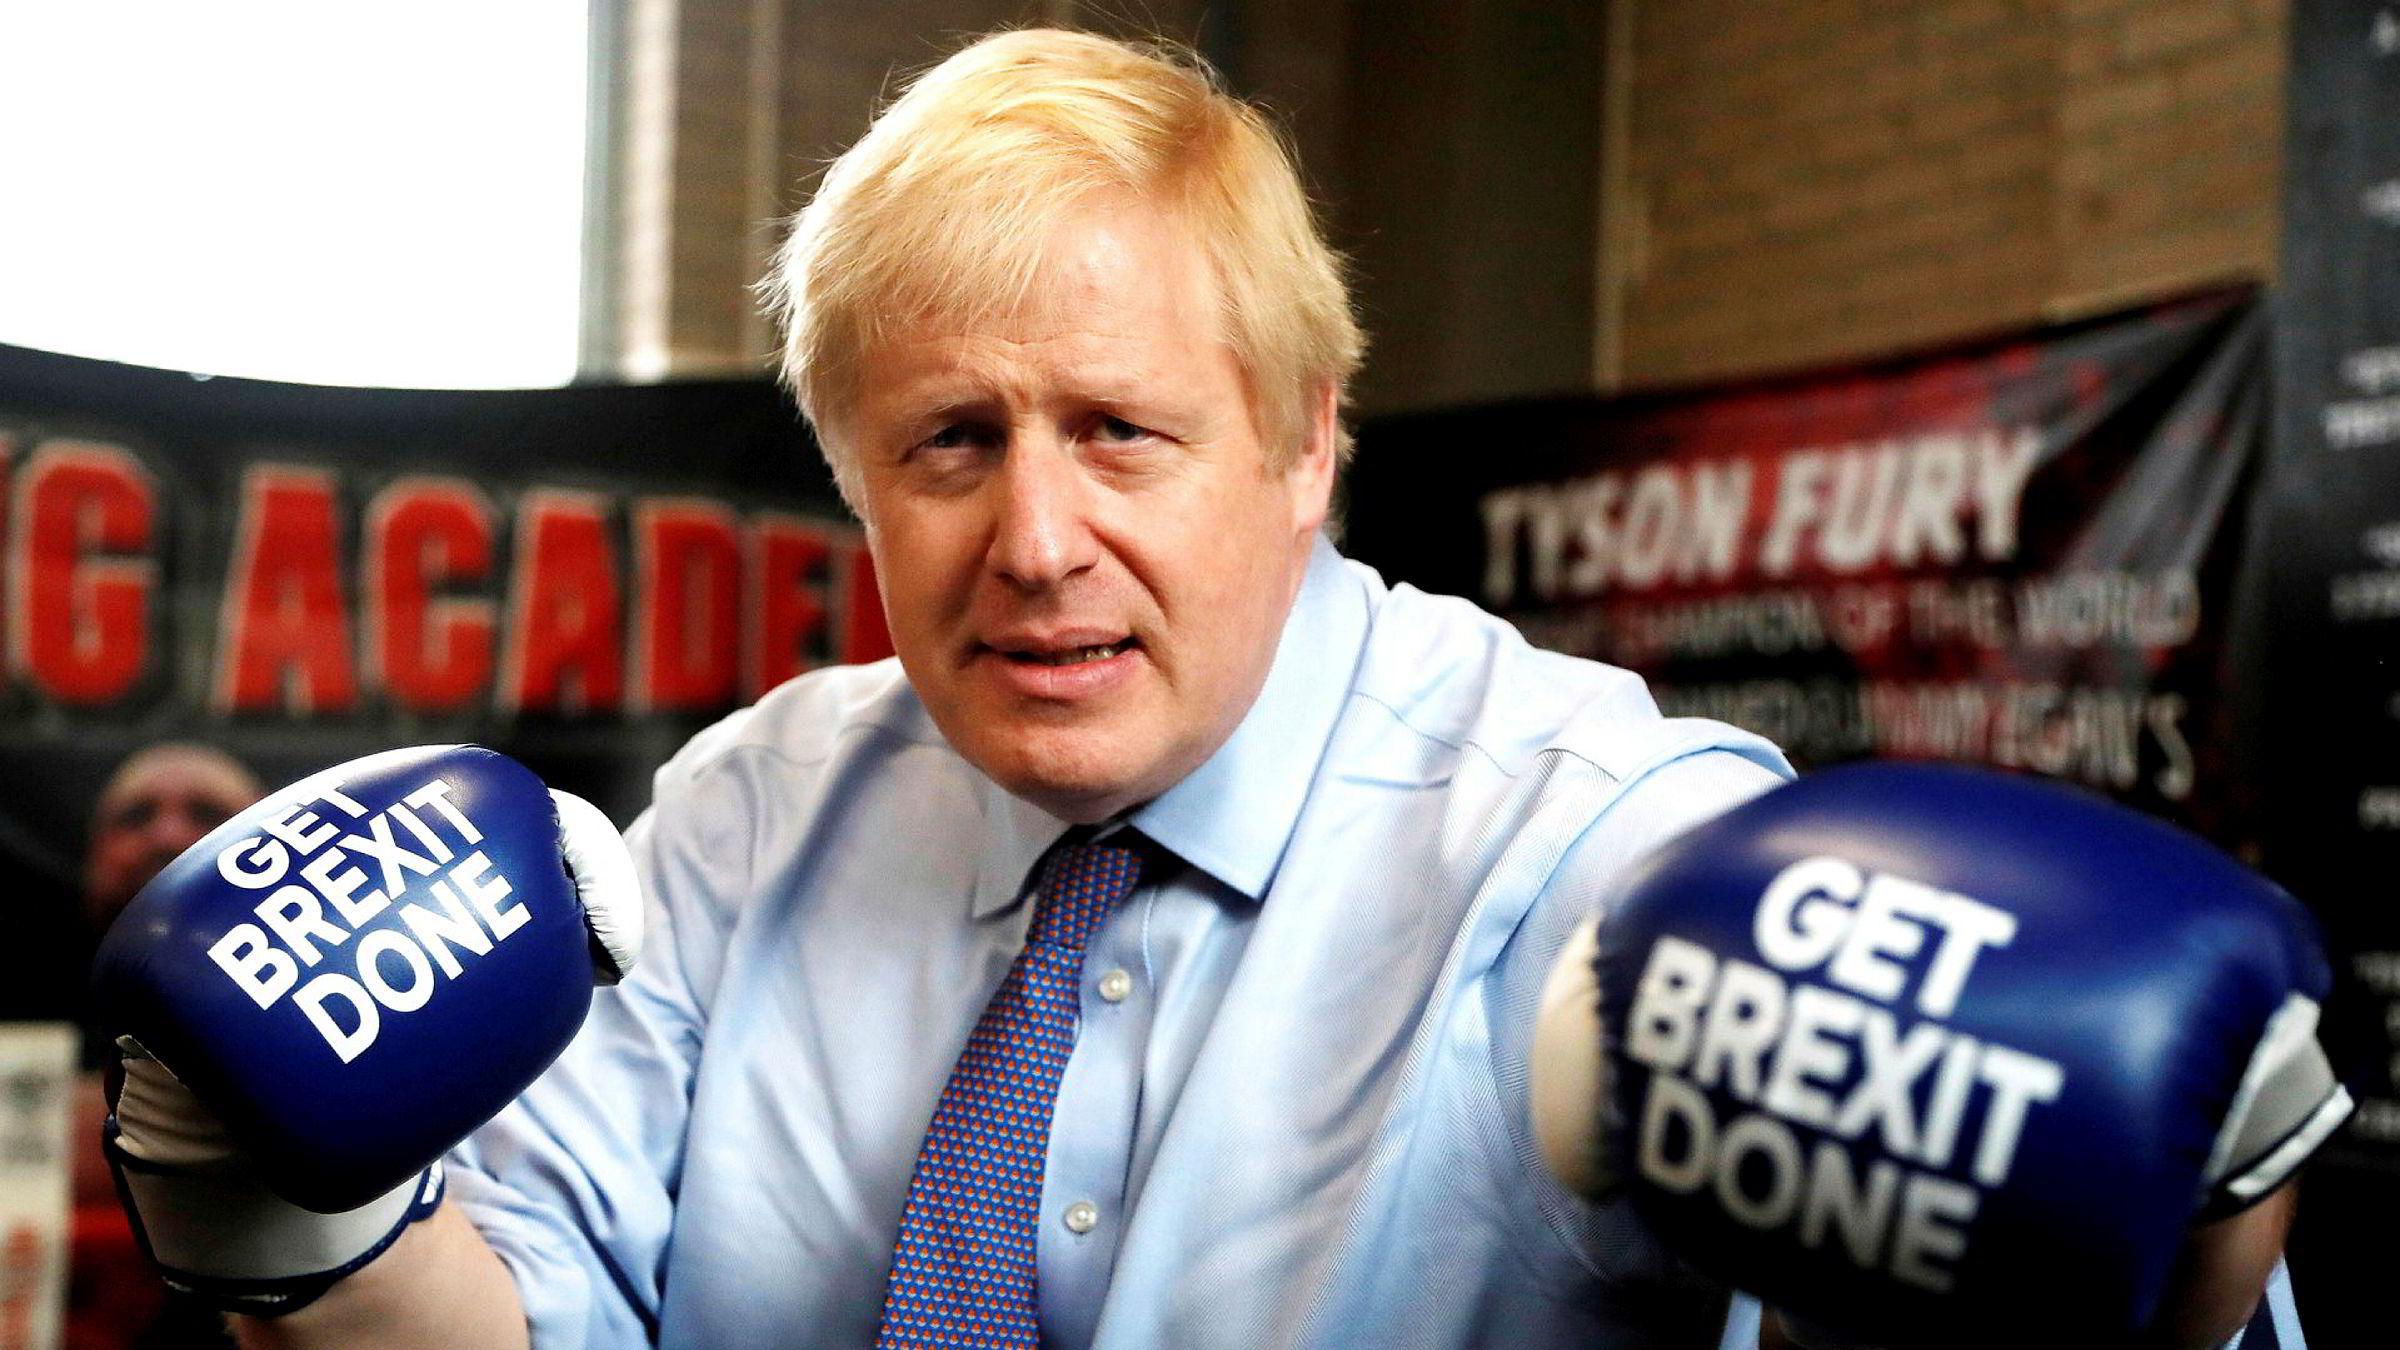 Statsminister Boris Johnson poserer med boksehansker utstyrt med «Get brexit done» under et valgkampstopp i en bokseklubb i Manchester.